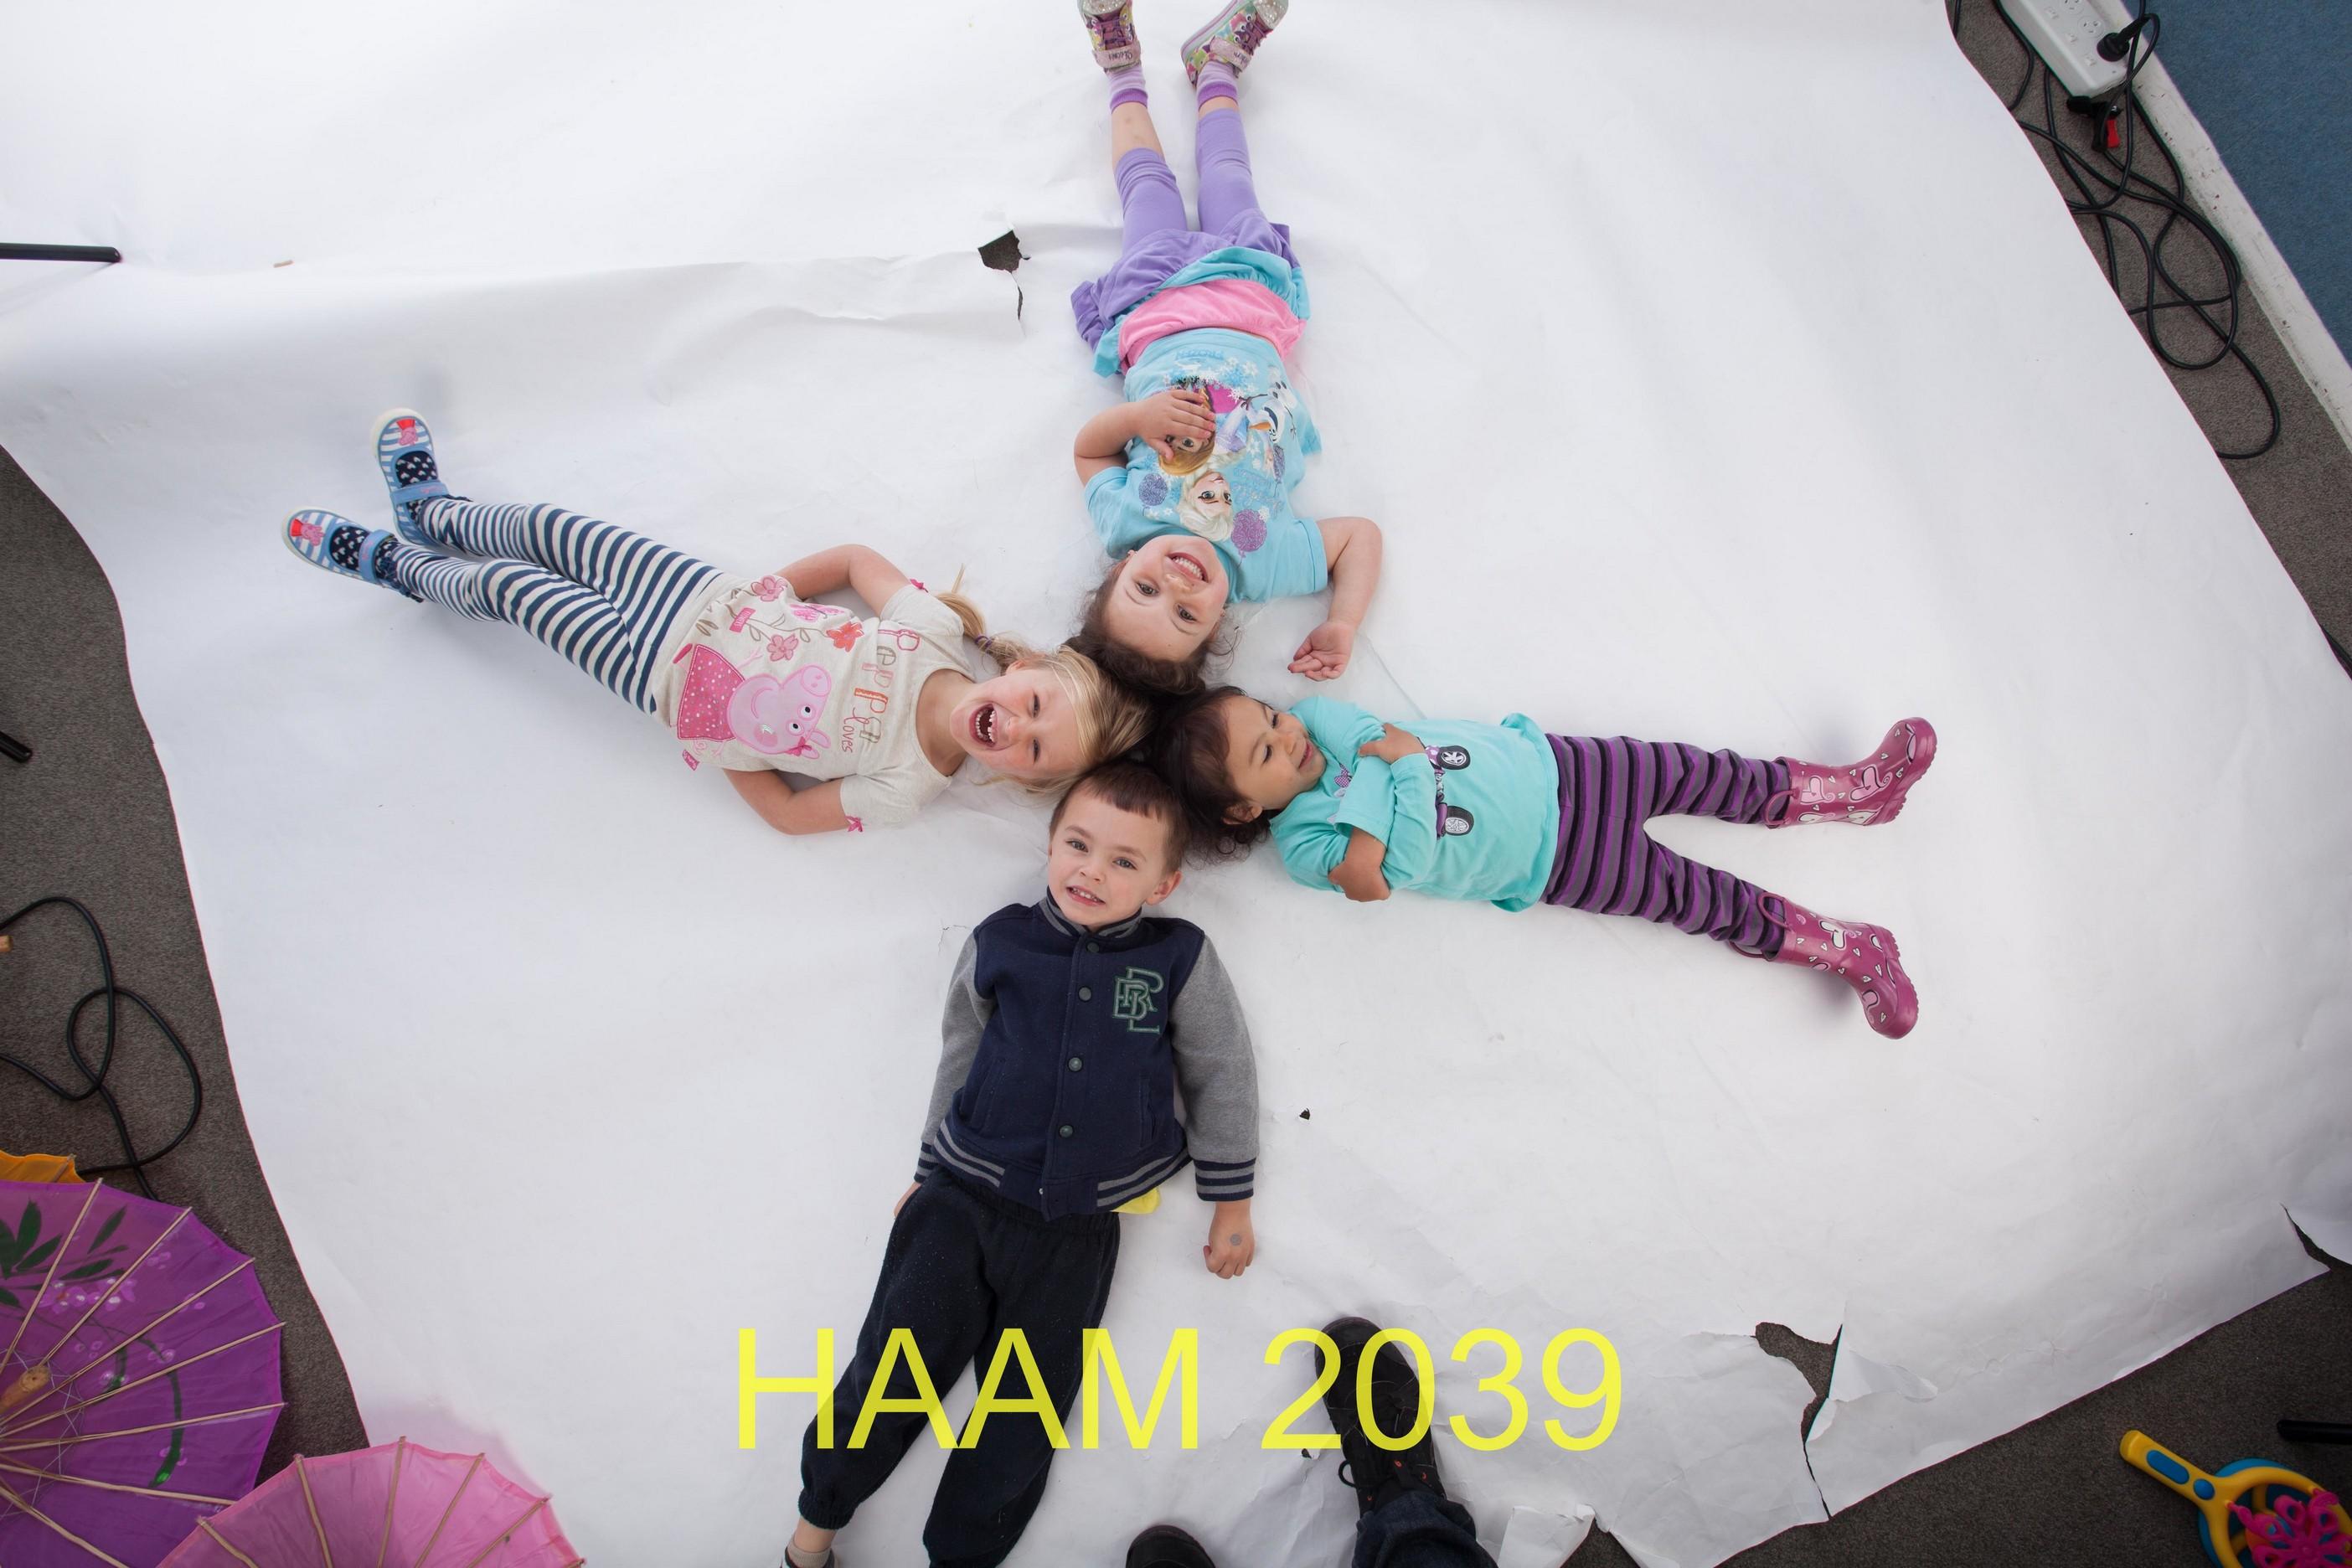 HAAM 2039